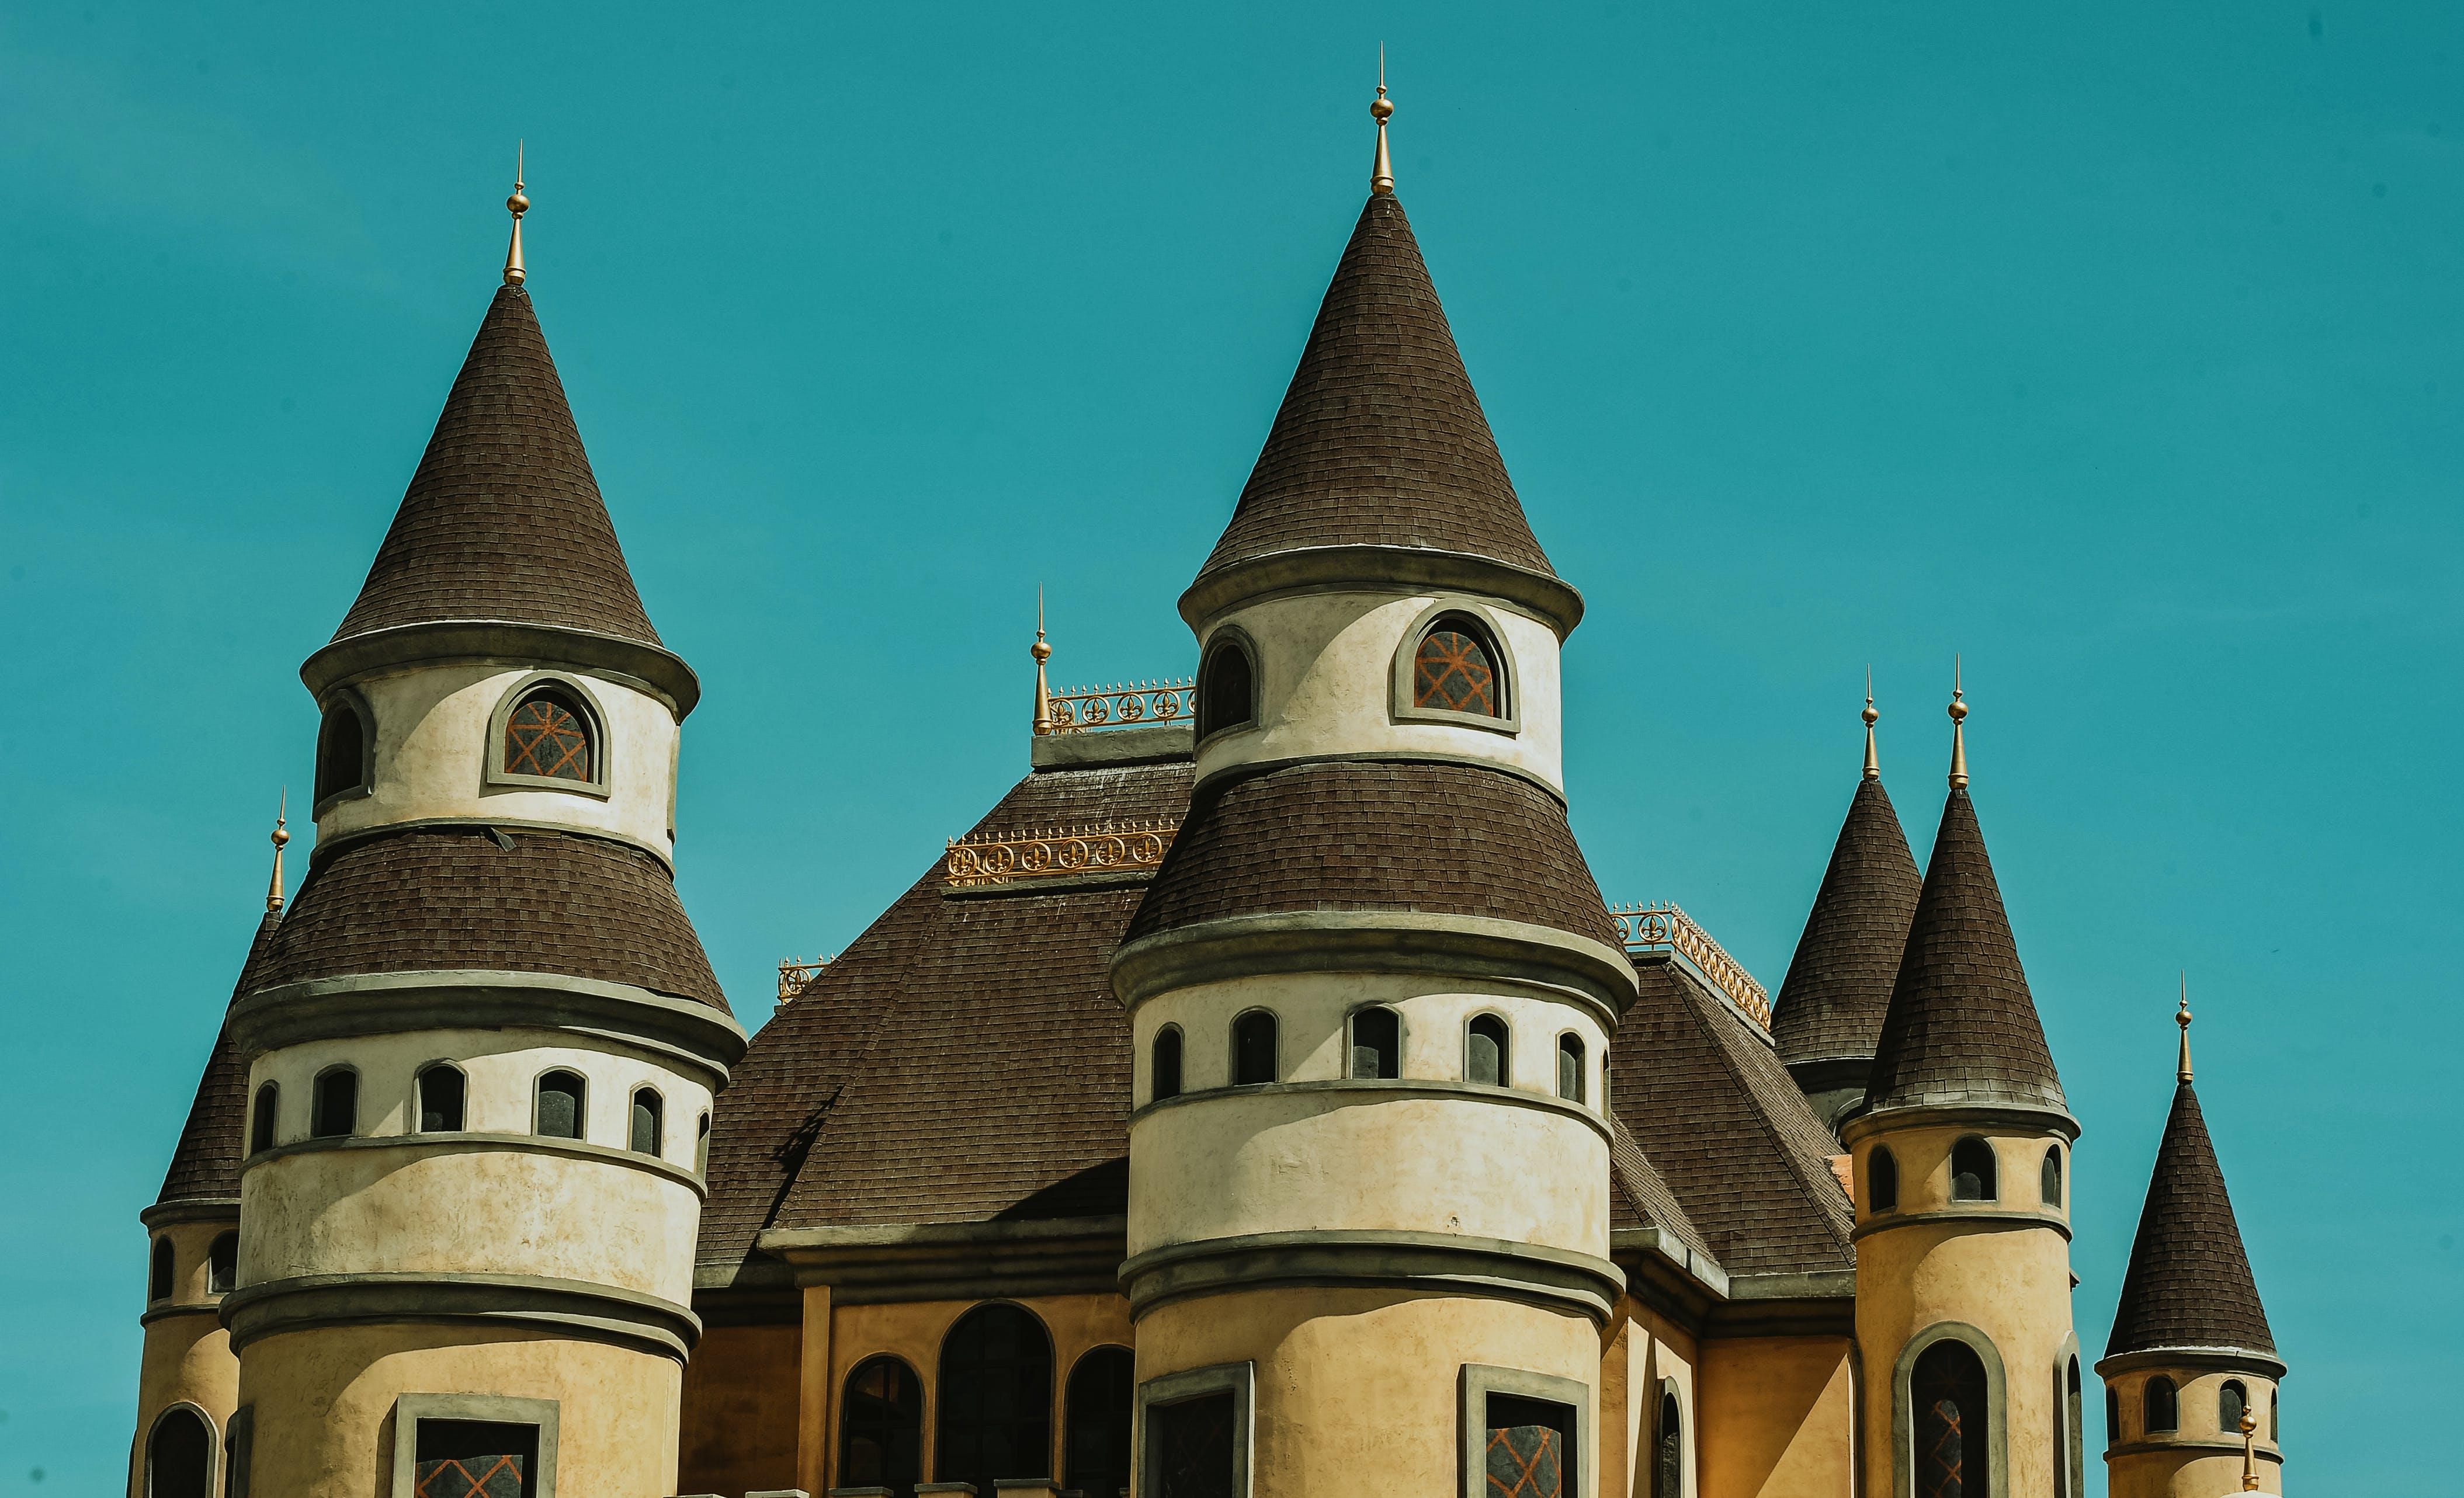 White and Brown Ceramic Castle